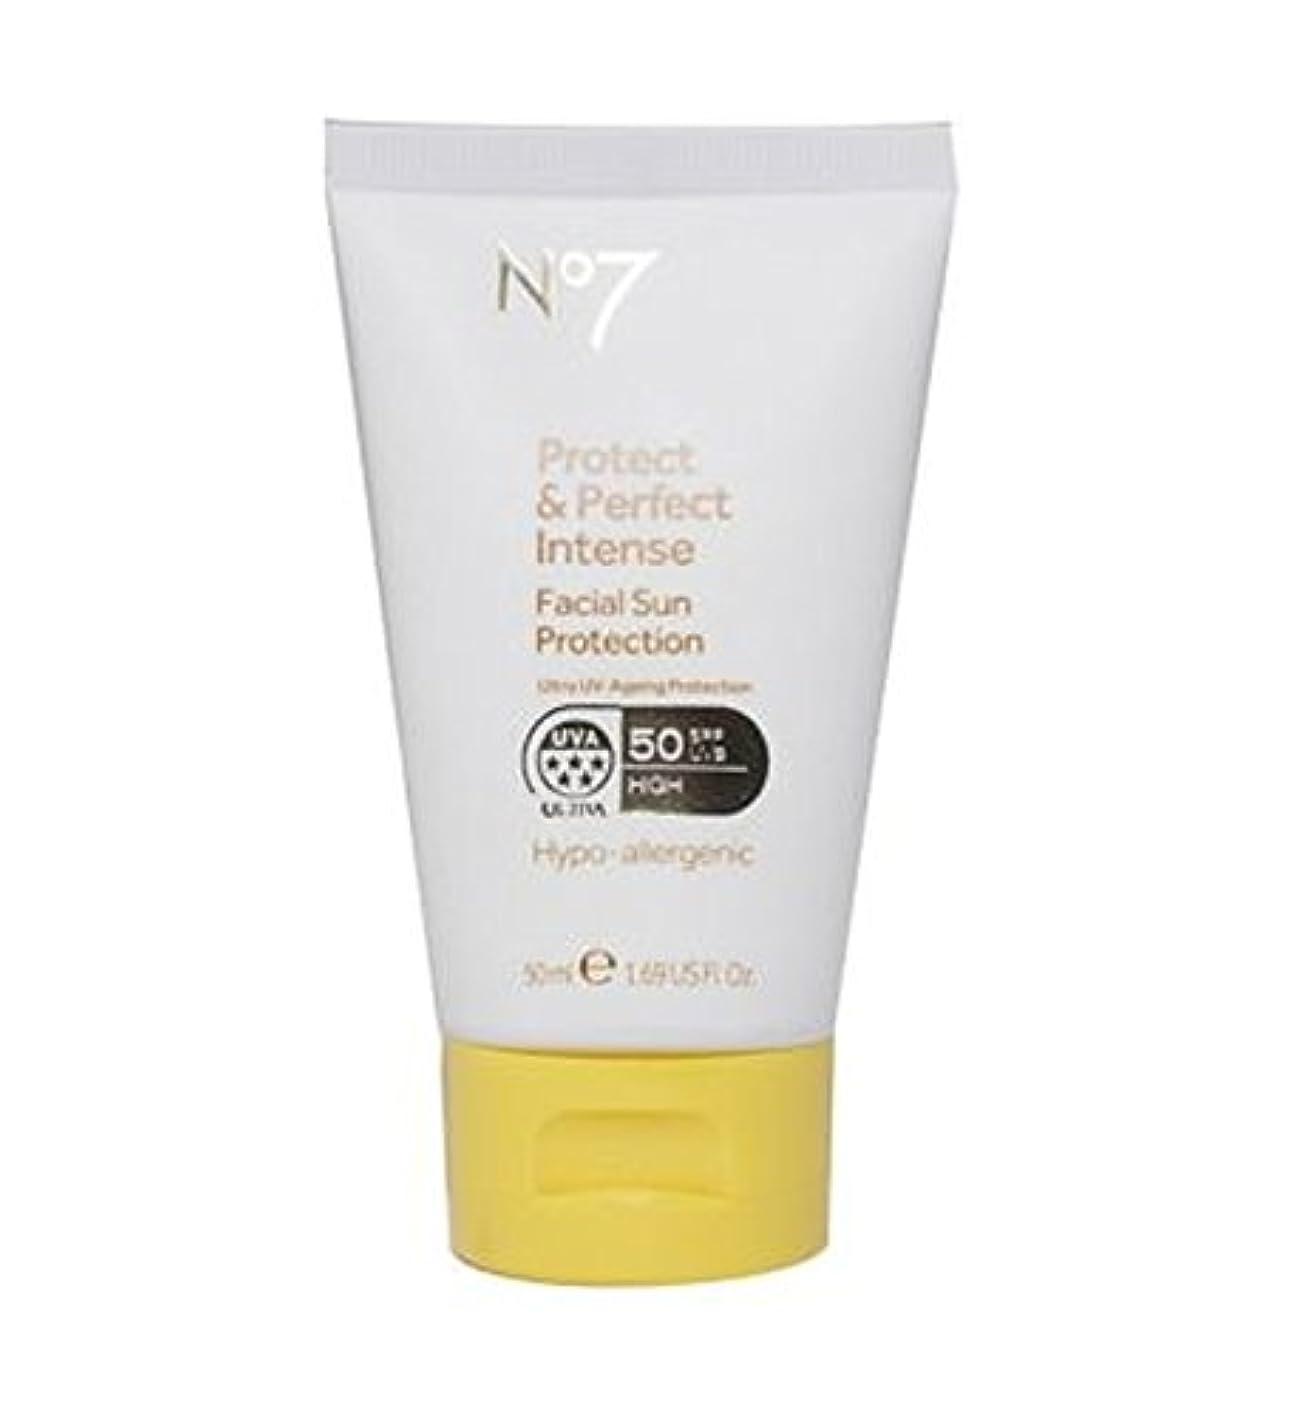 抵抗内部抜け目のないNo7保護&完璧な強烈な顔の日焼け防止Spf 50 50ミリリットル (No7) (x2) - No7 Protect & Perfect Intense Facial Sun Protection SPF 50 50ml...